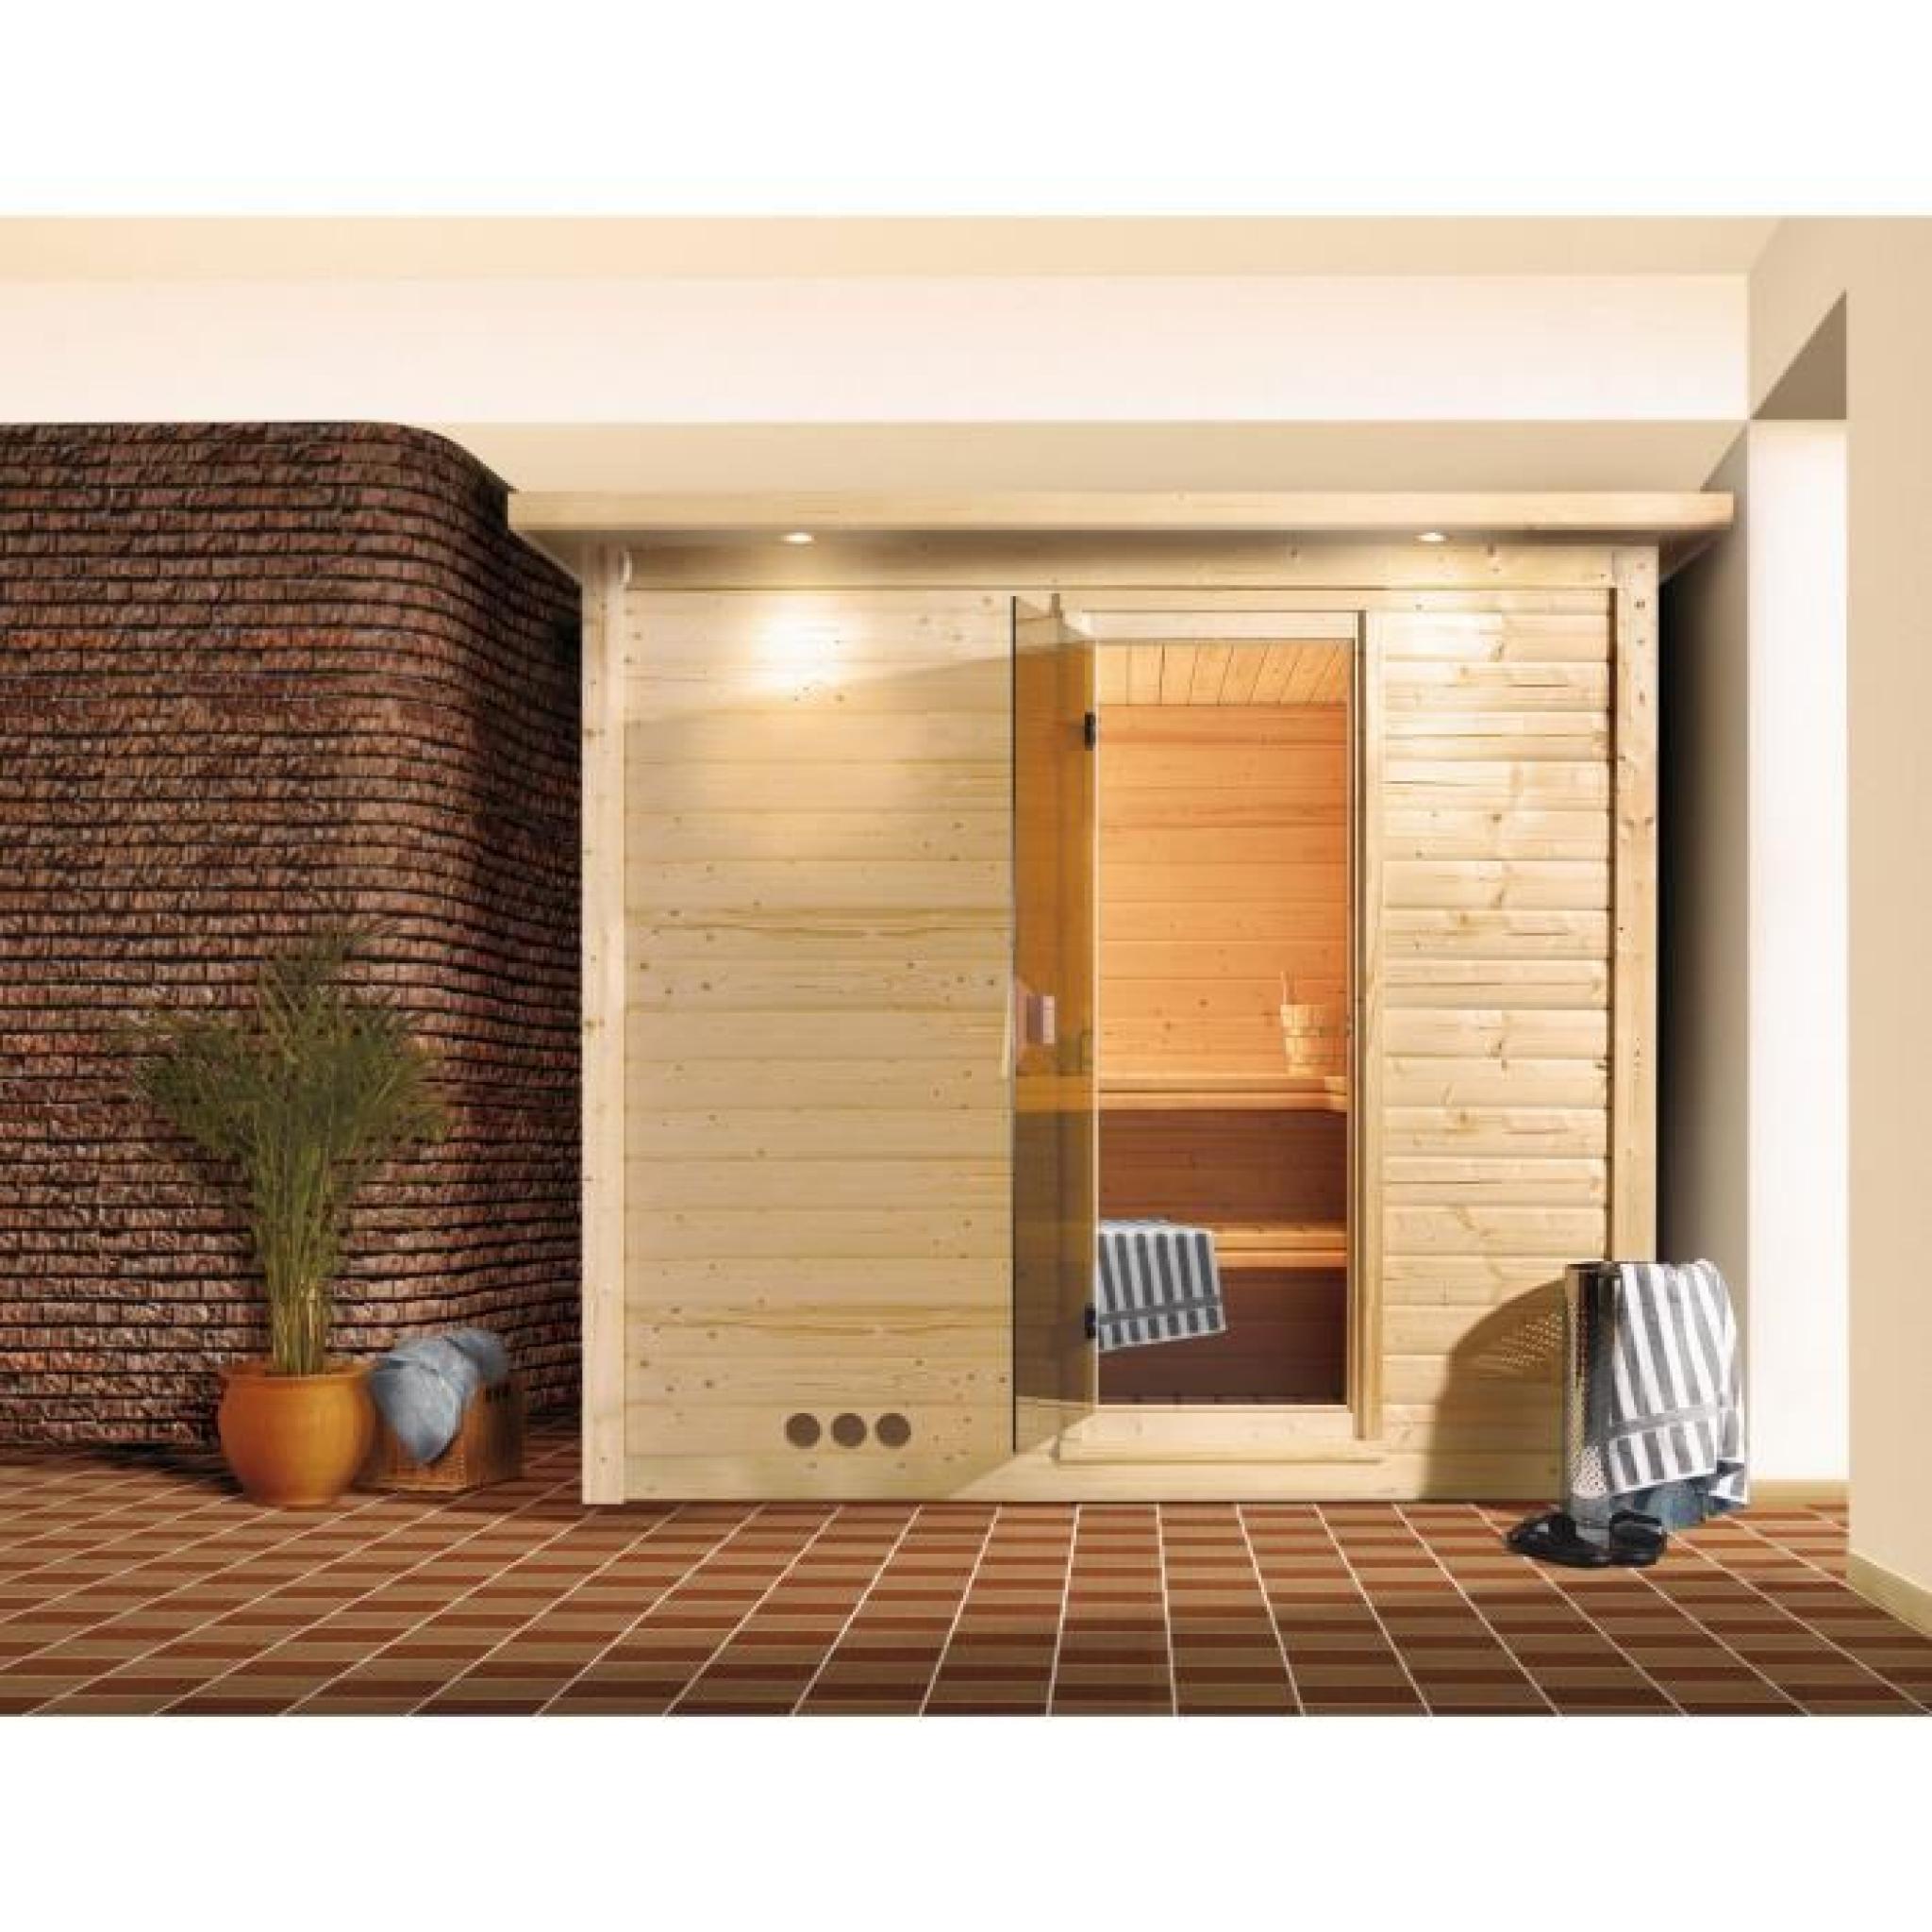 sauna bois 40mm d 39 int rieur mojave karibu 2 3 places couronne de toit avec po le bi o 9kw avec. Black Bedroom Furniture Sets. Home Design Ideas